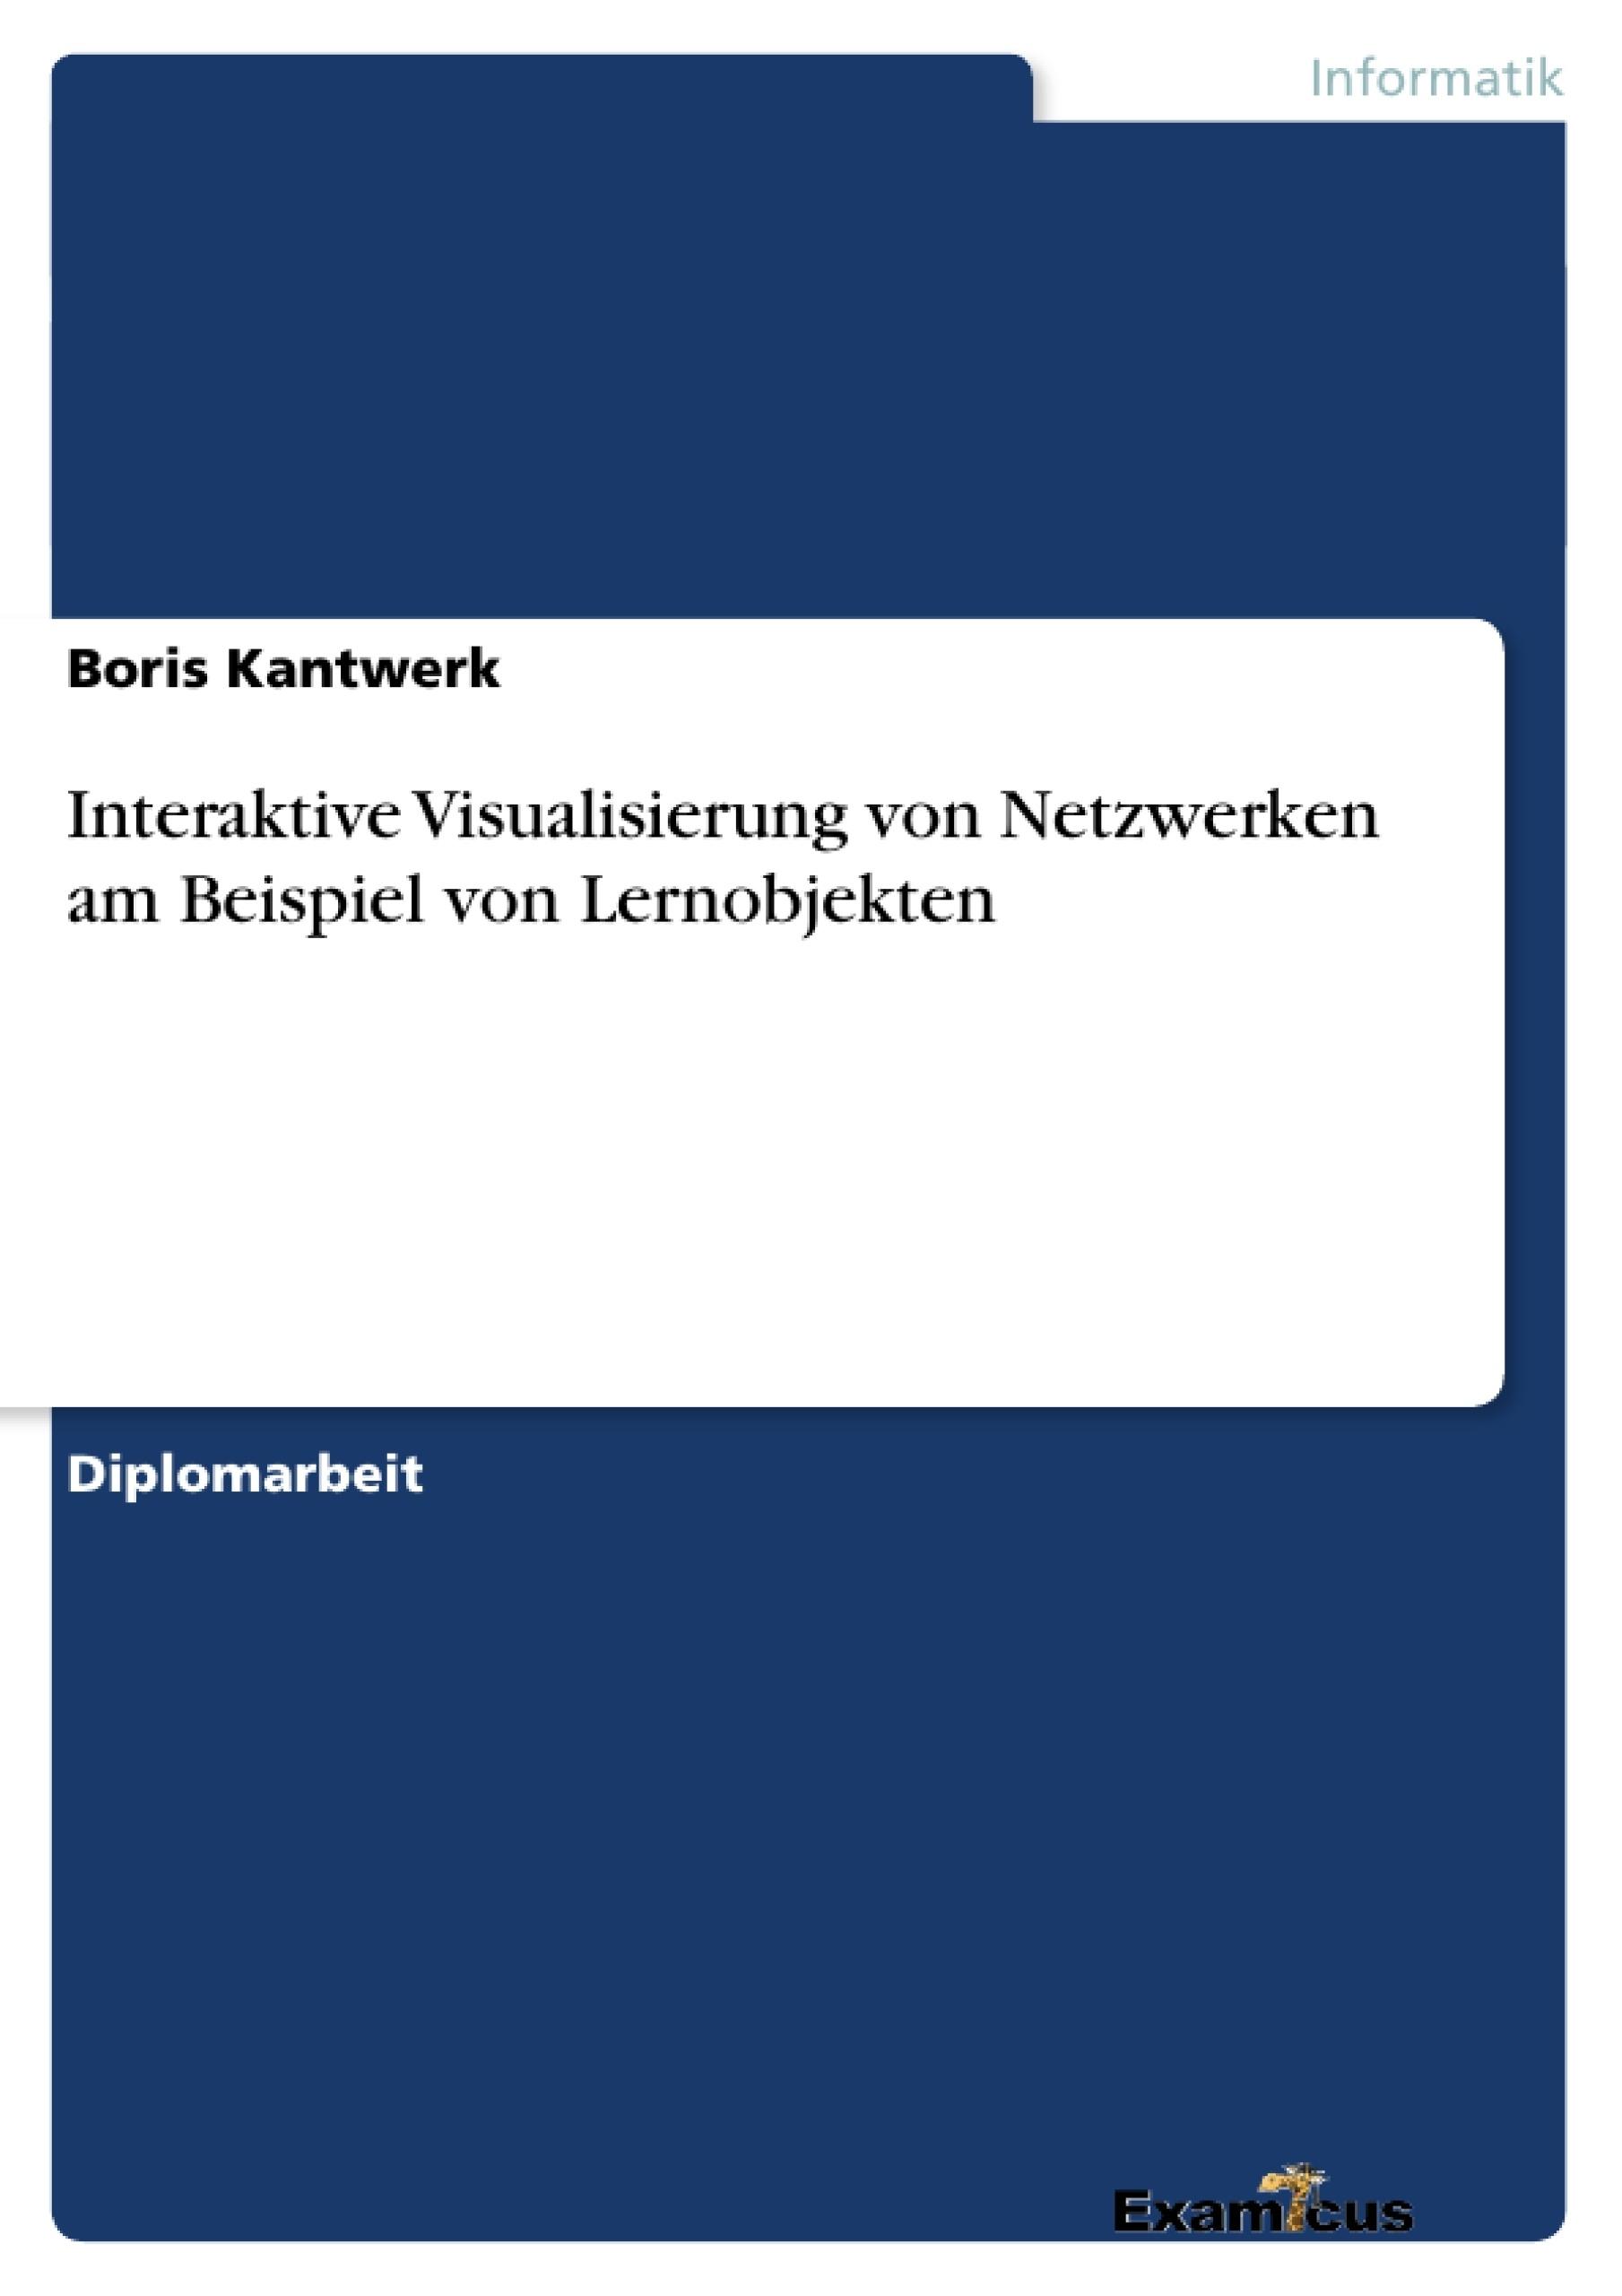 Titel: Interaktive Visualisierung von Netzwerken am Beispiel von Lernobjekten